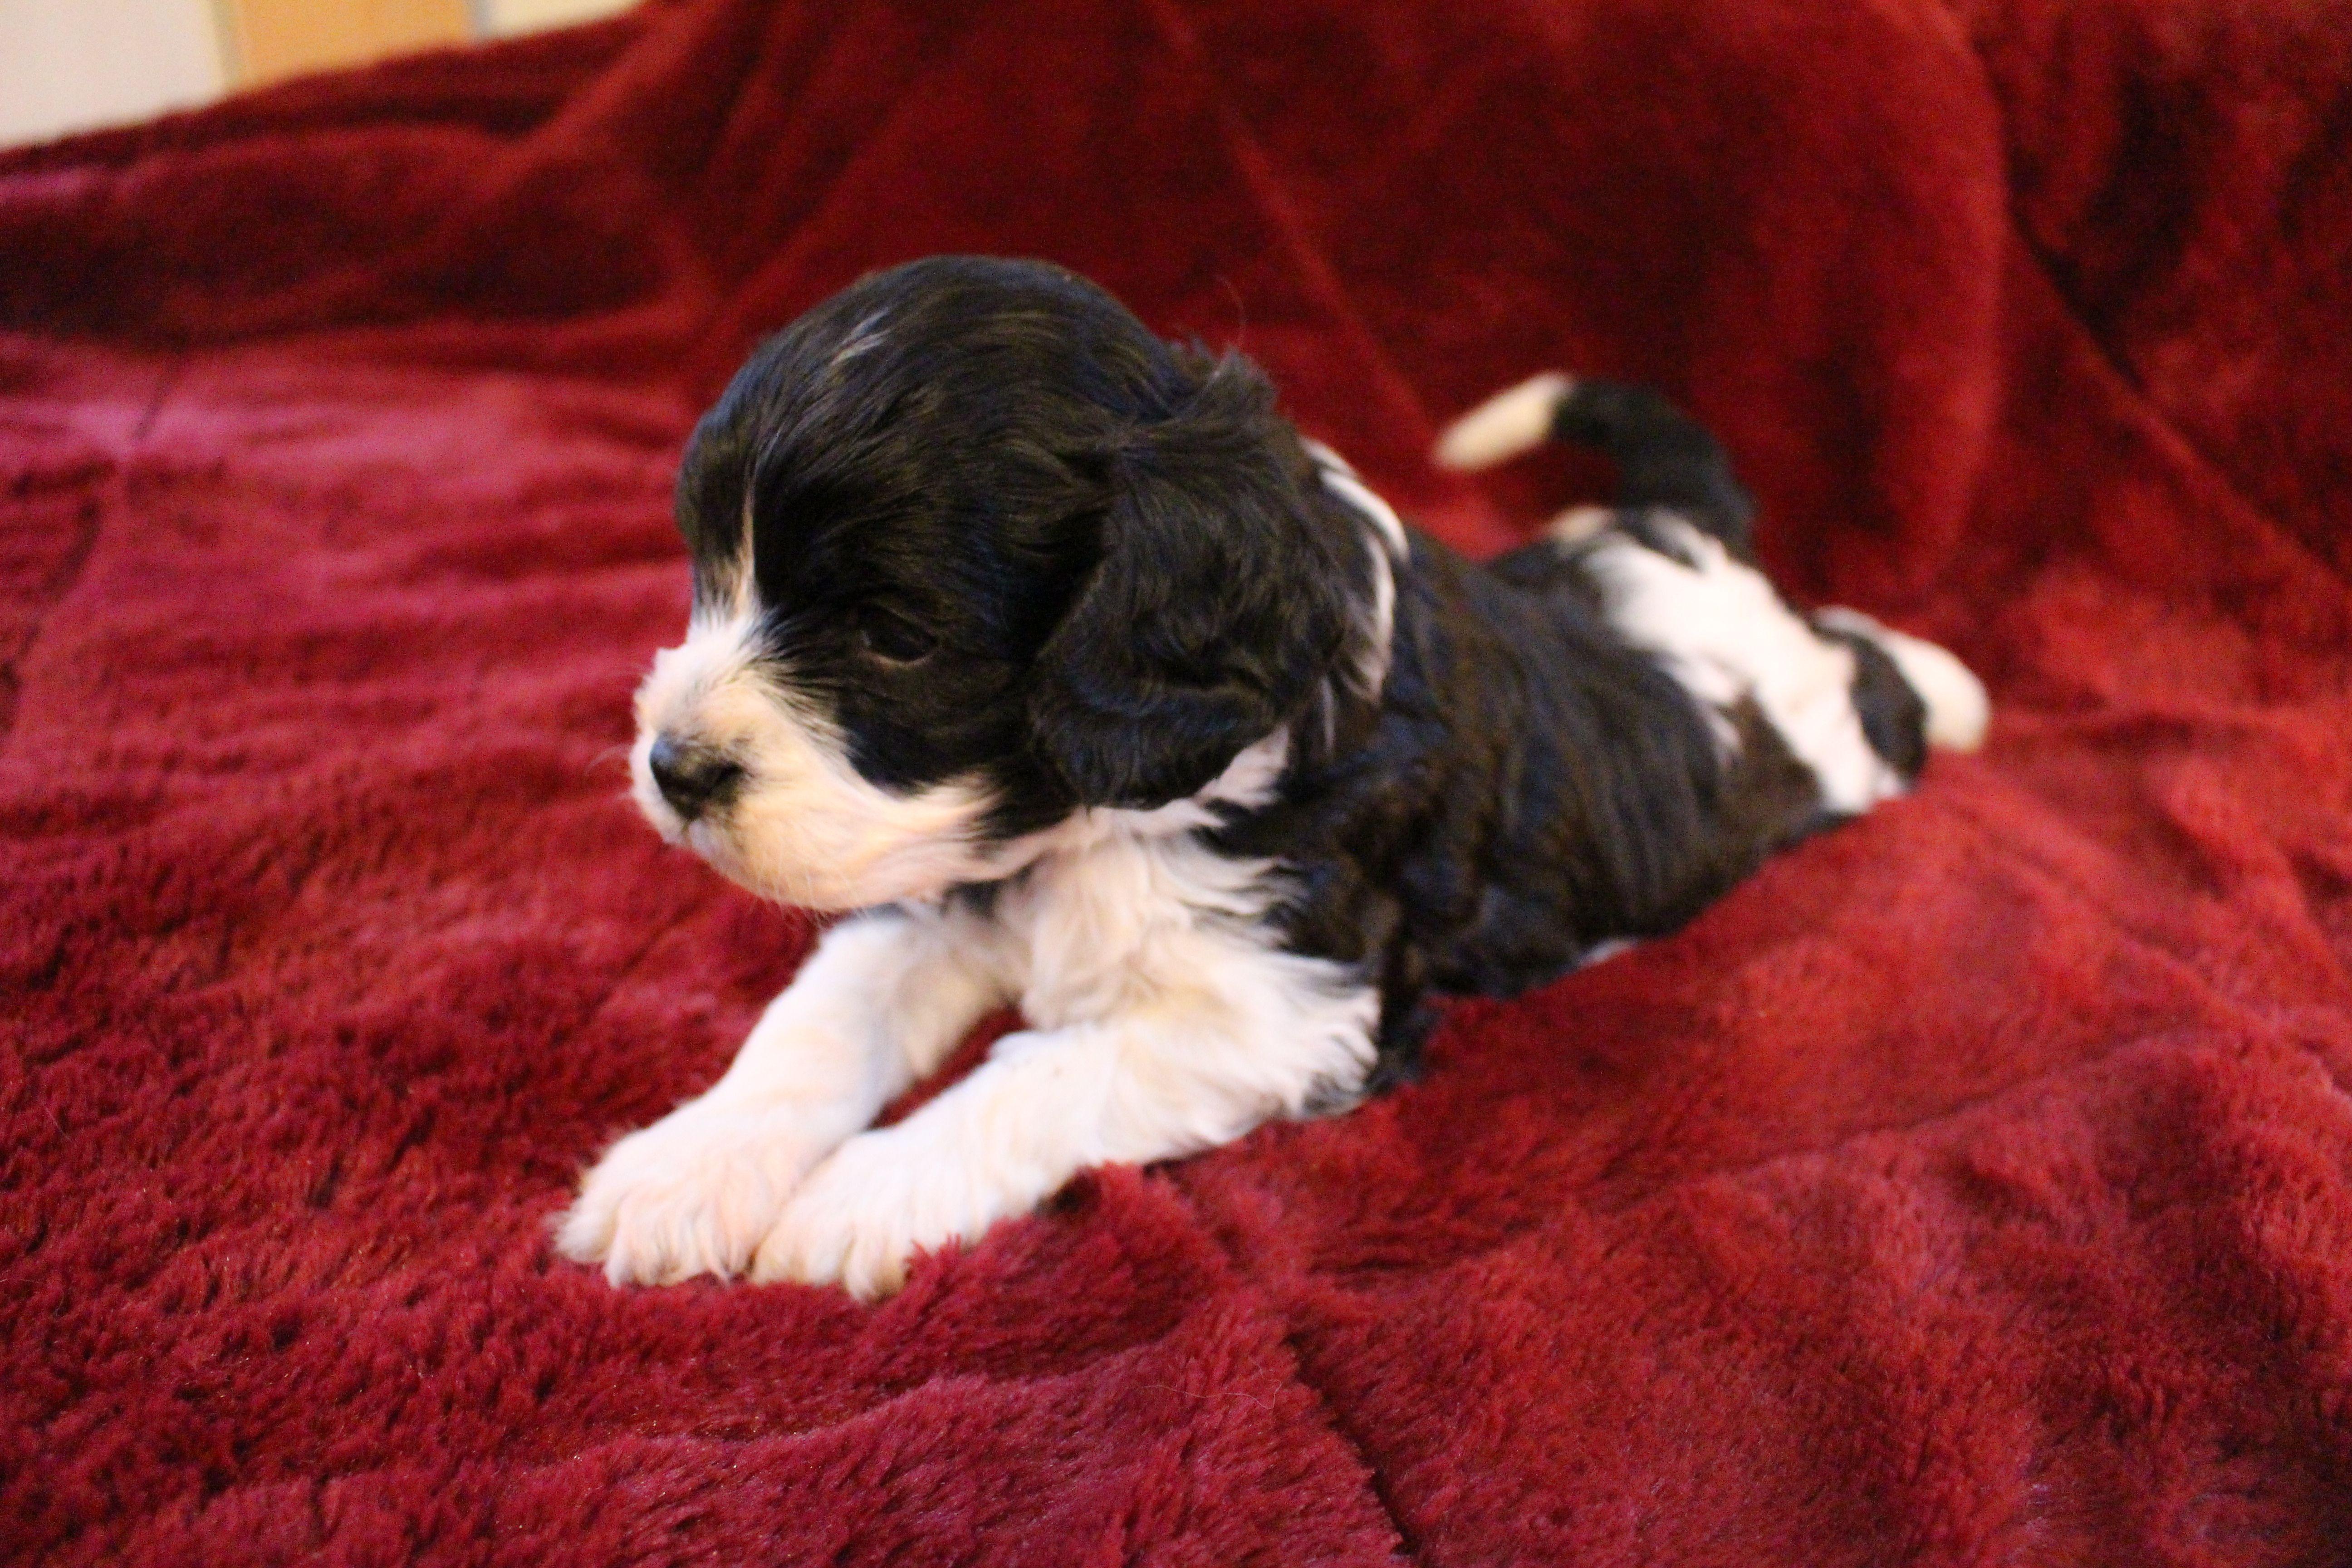 4 Week Old Black White Cavapoo Wrangler Jules Eli Pup Photo Credit Woodtravis Www Pinewoodcavapoos Com Cavapoo Puppies Cavapoo Puppies